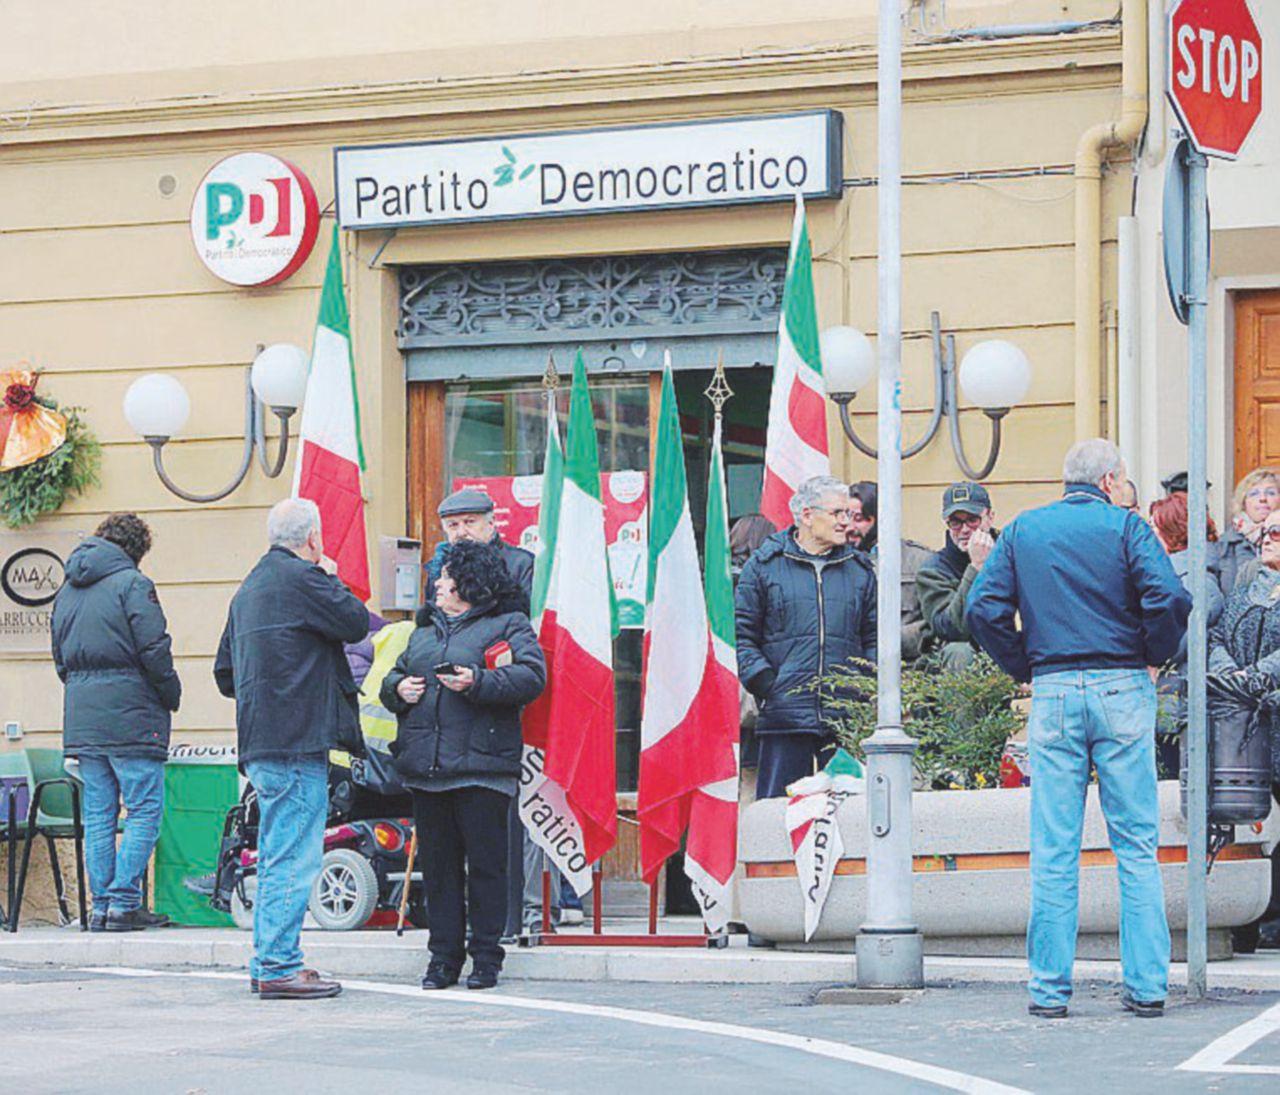 A Scandicci e Rignano è tutto chiuso, anche la sede del Partito democratico